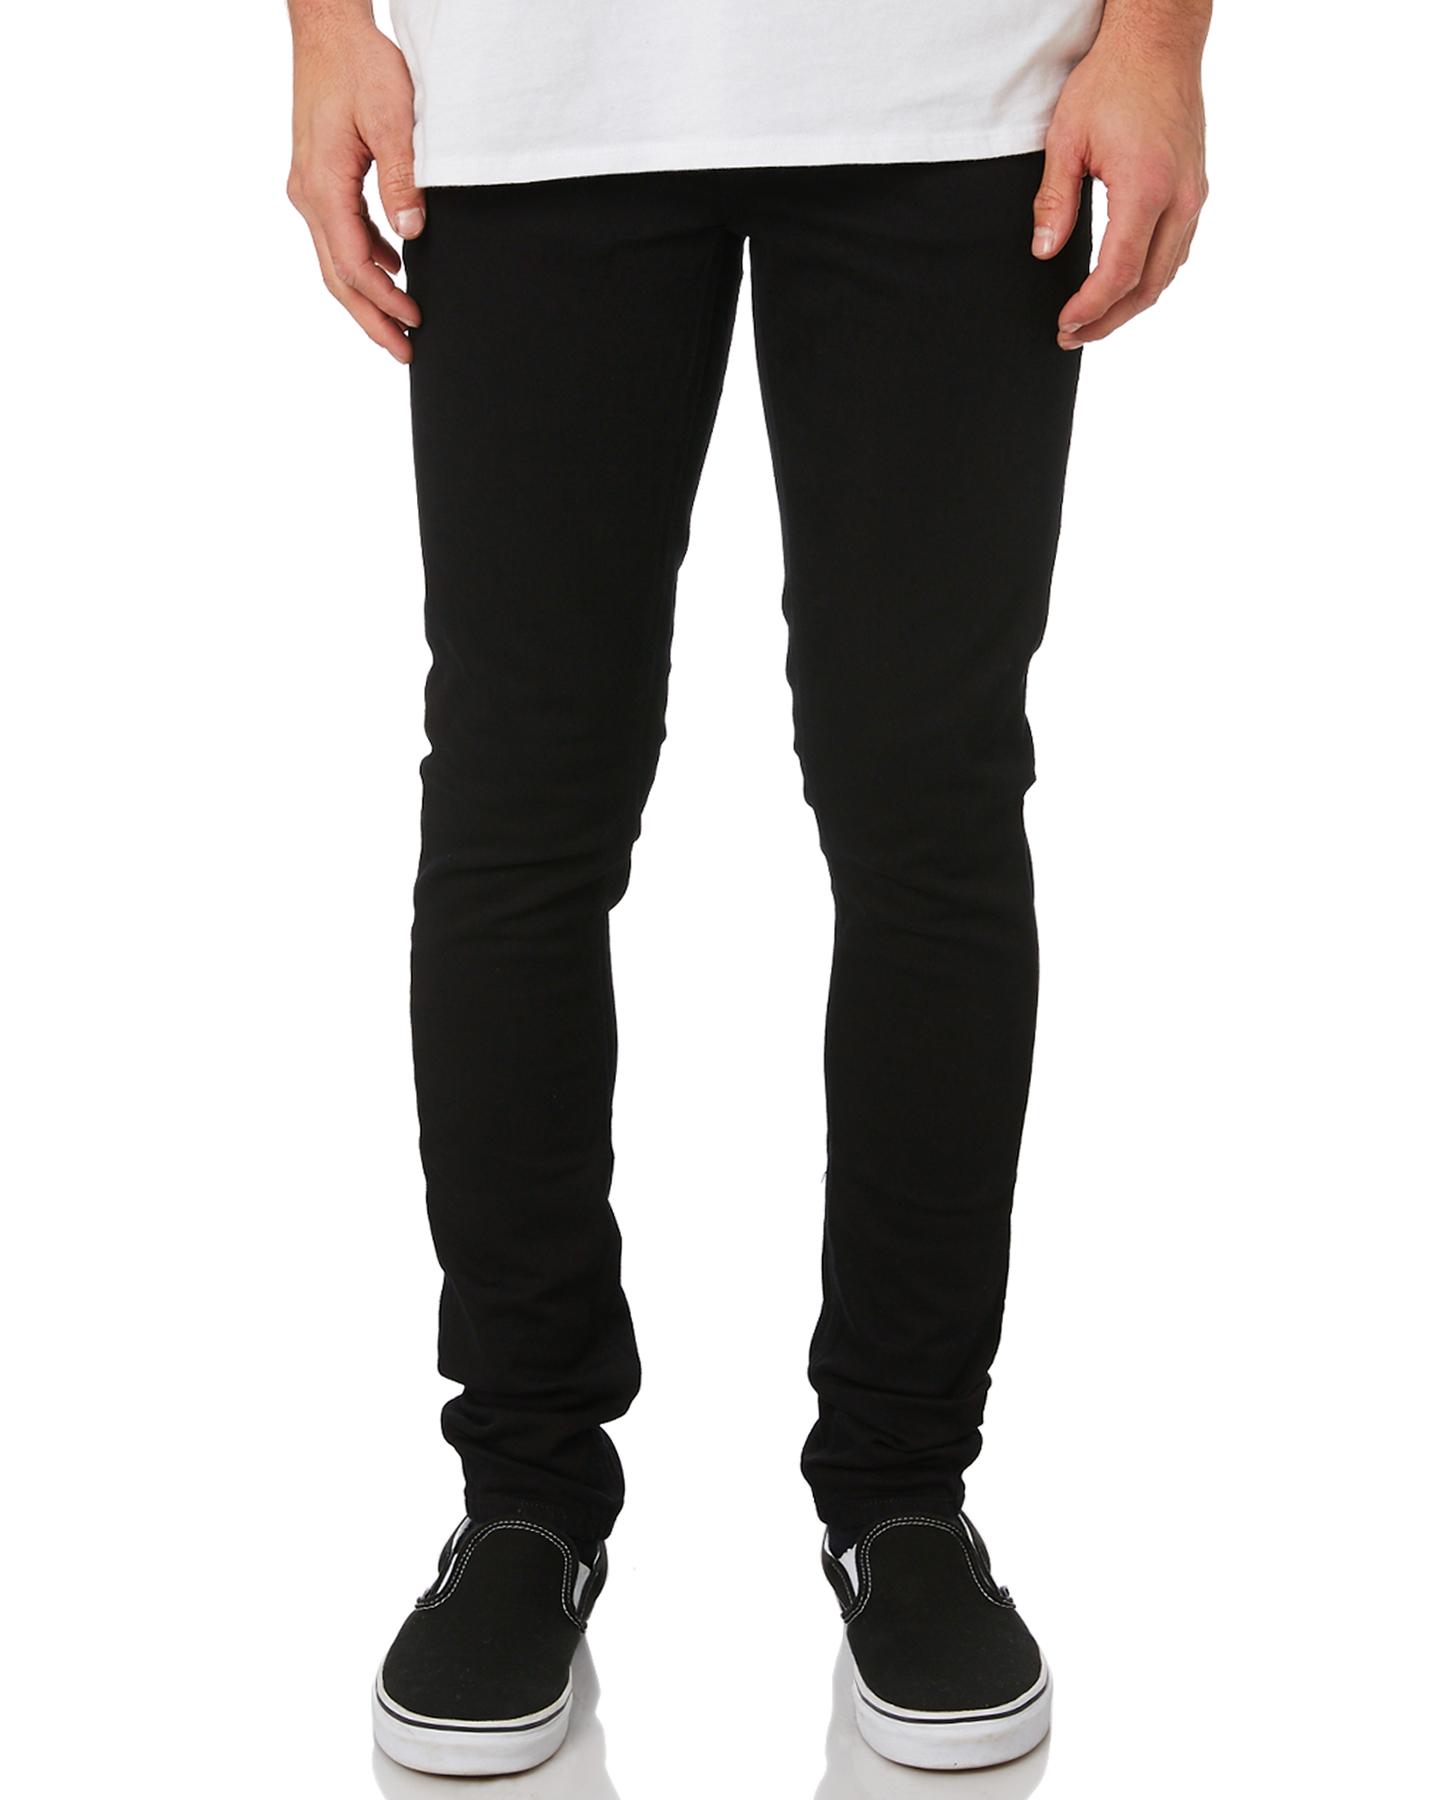 88d61078f7aa Nudie Jeans Co Men s Skinny Lin Mens Jean Cotton Elastane Black